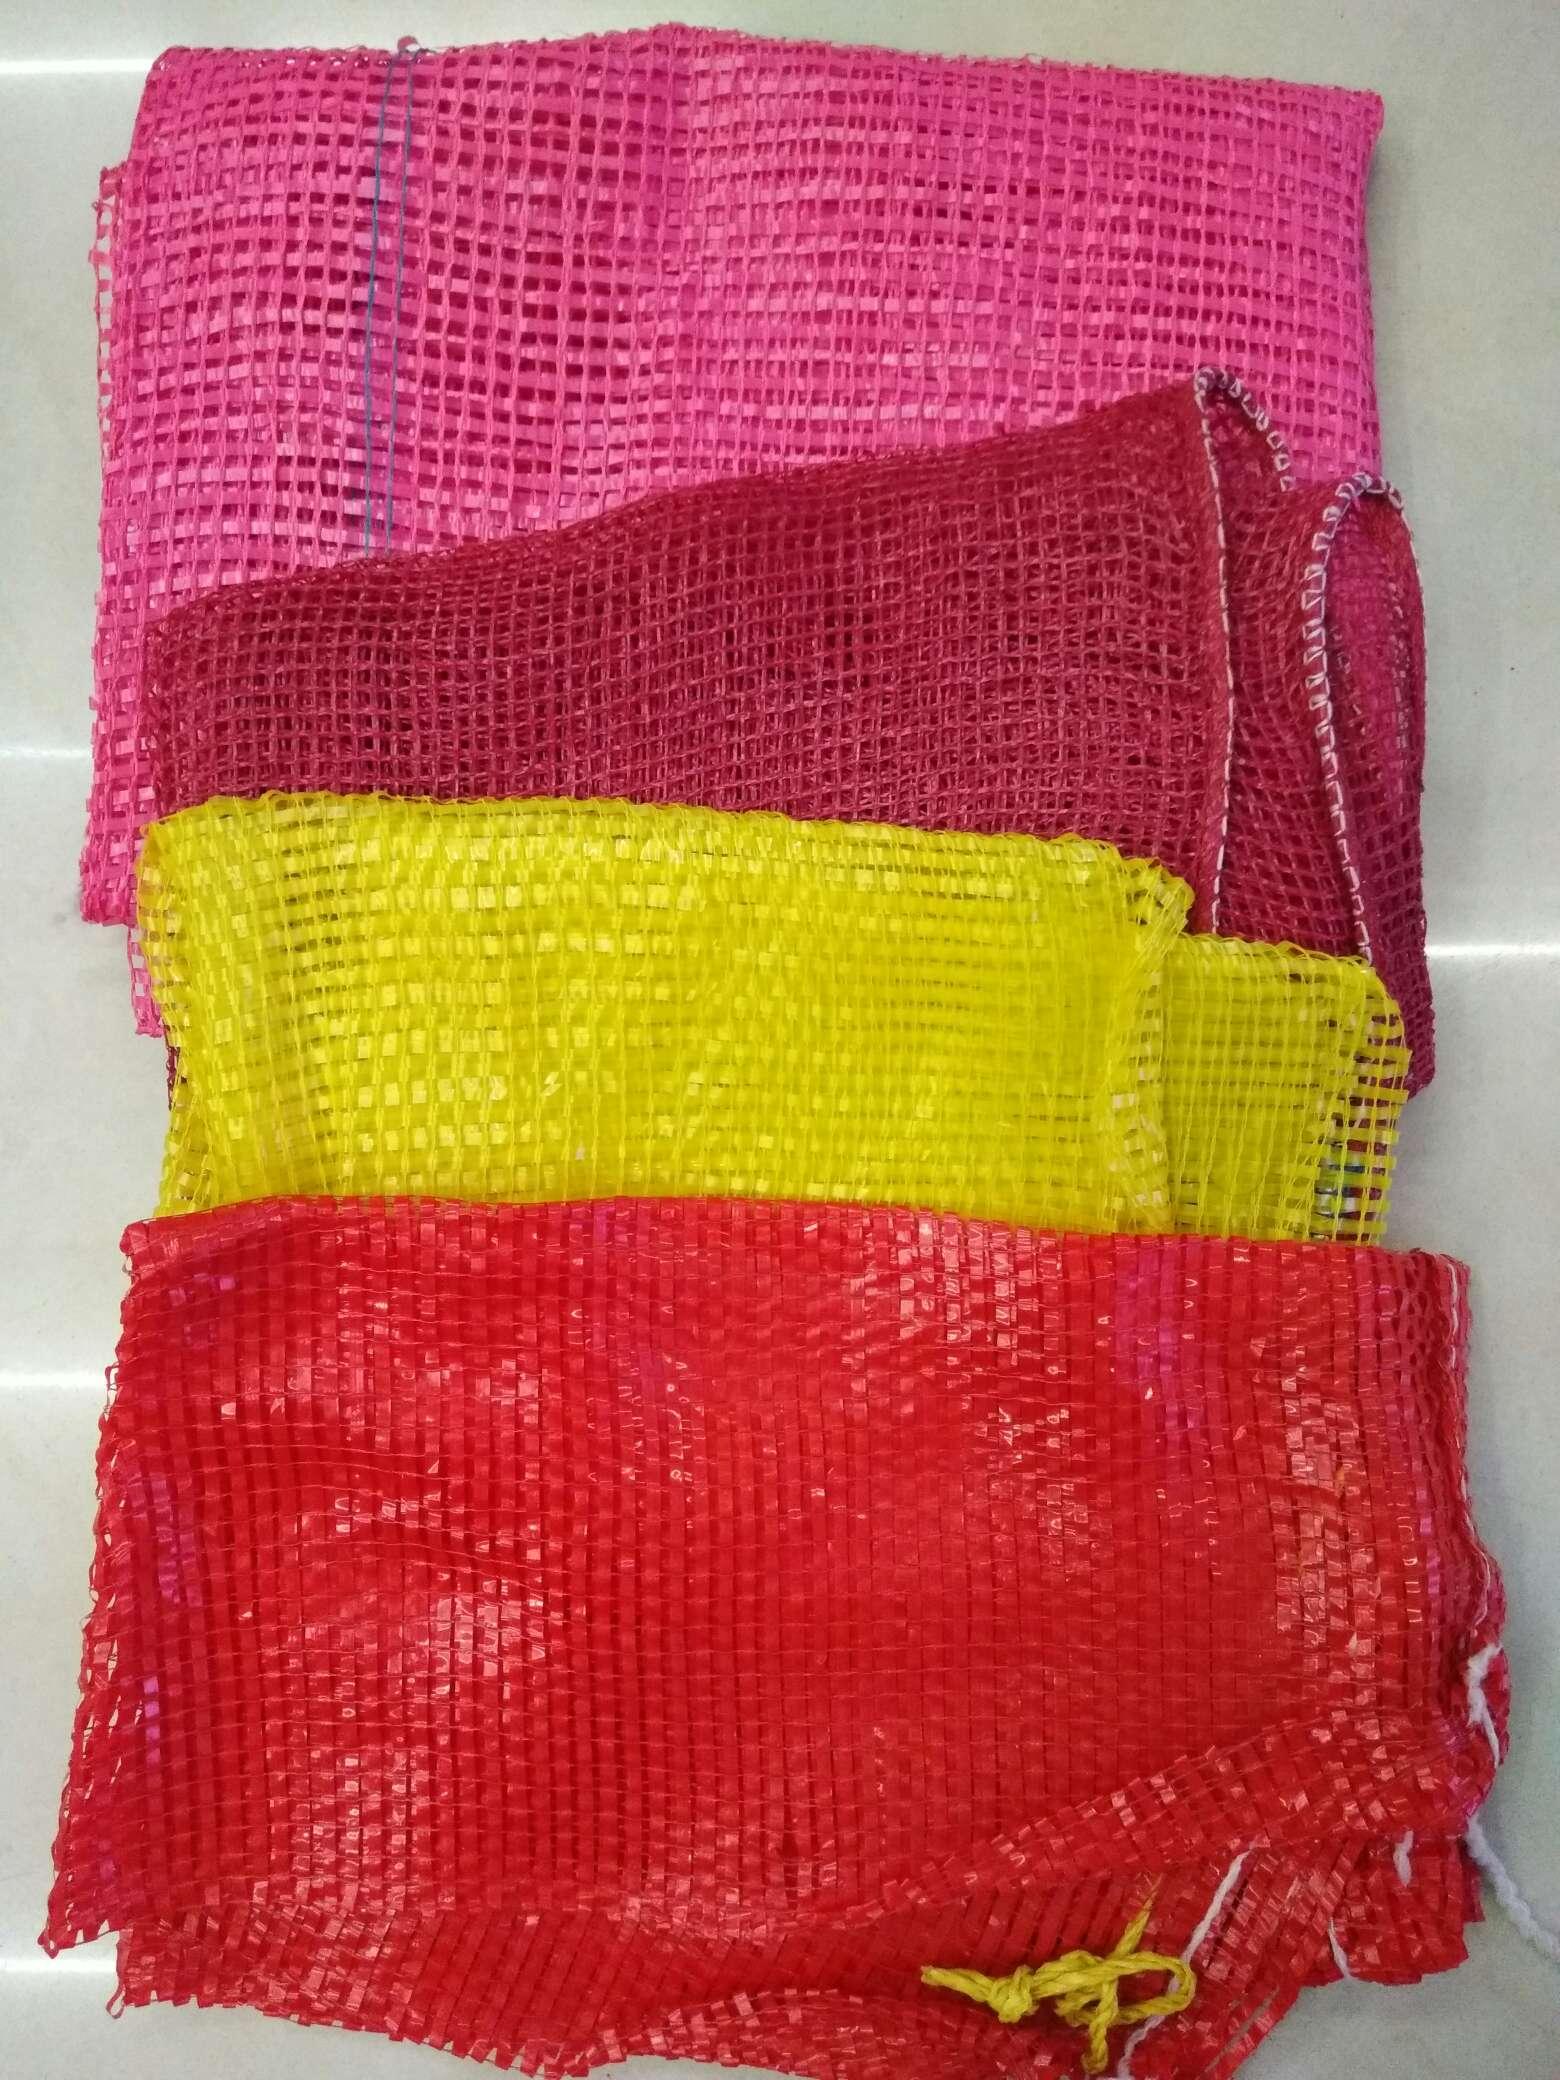 塑料编织袋、土豆袋、洋葱袋